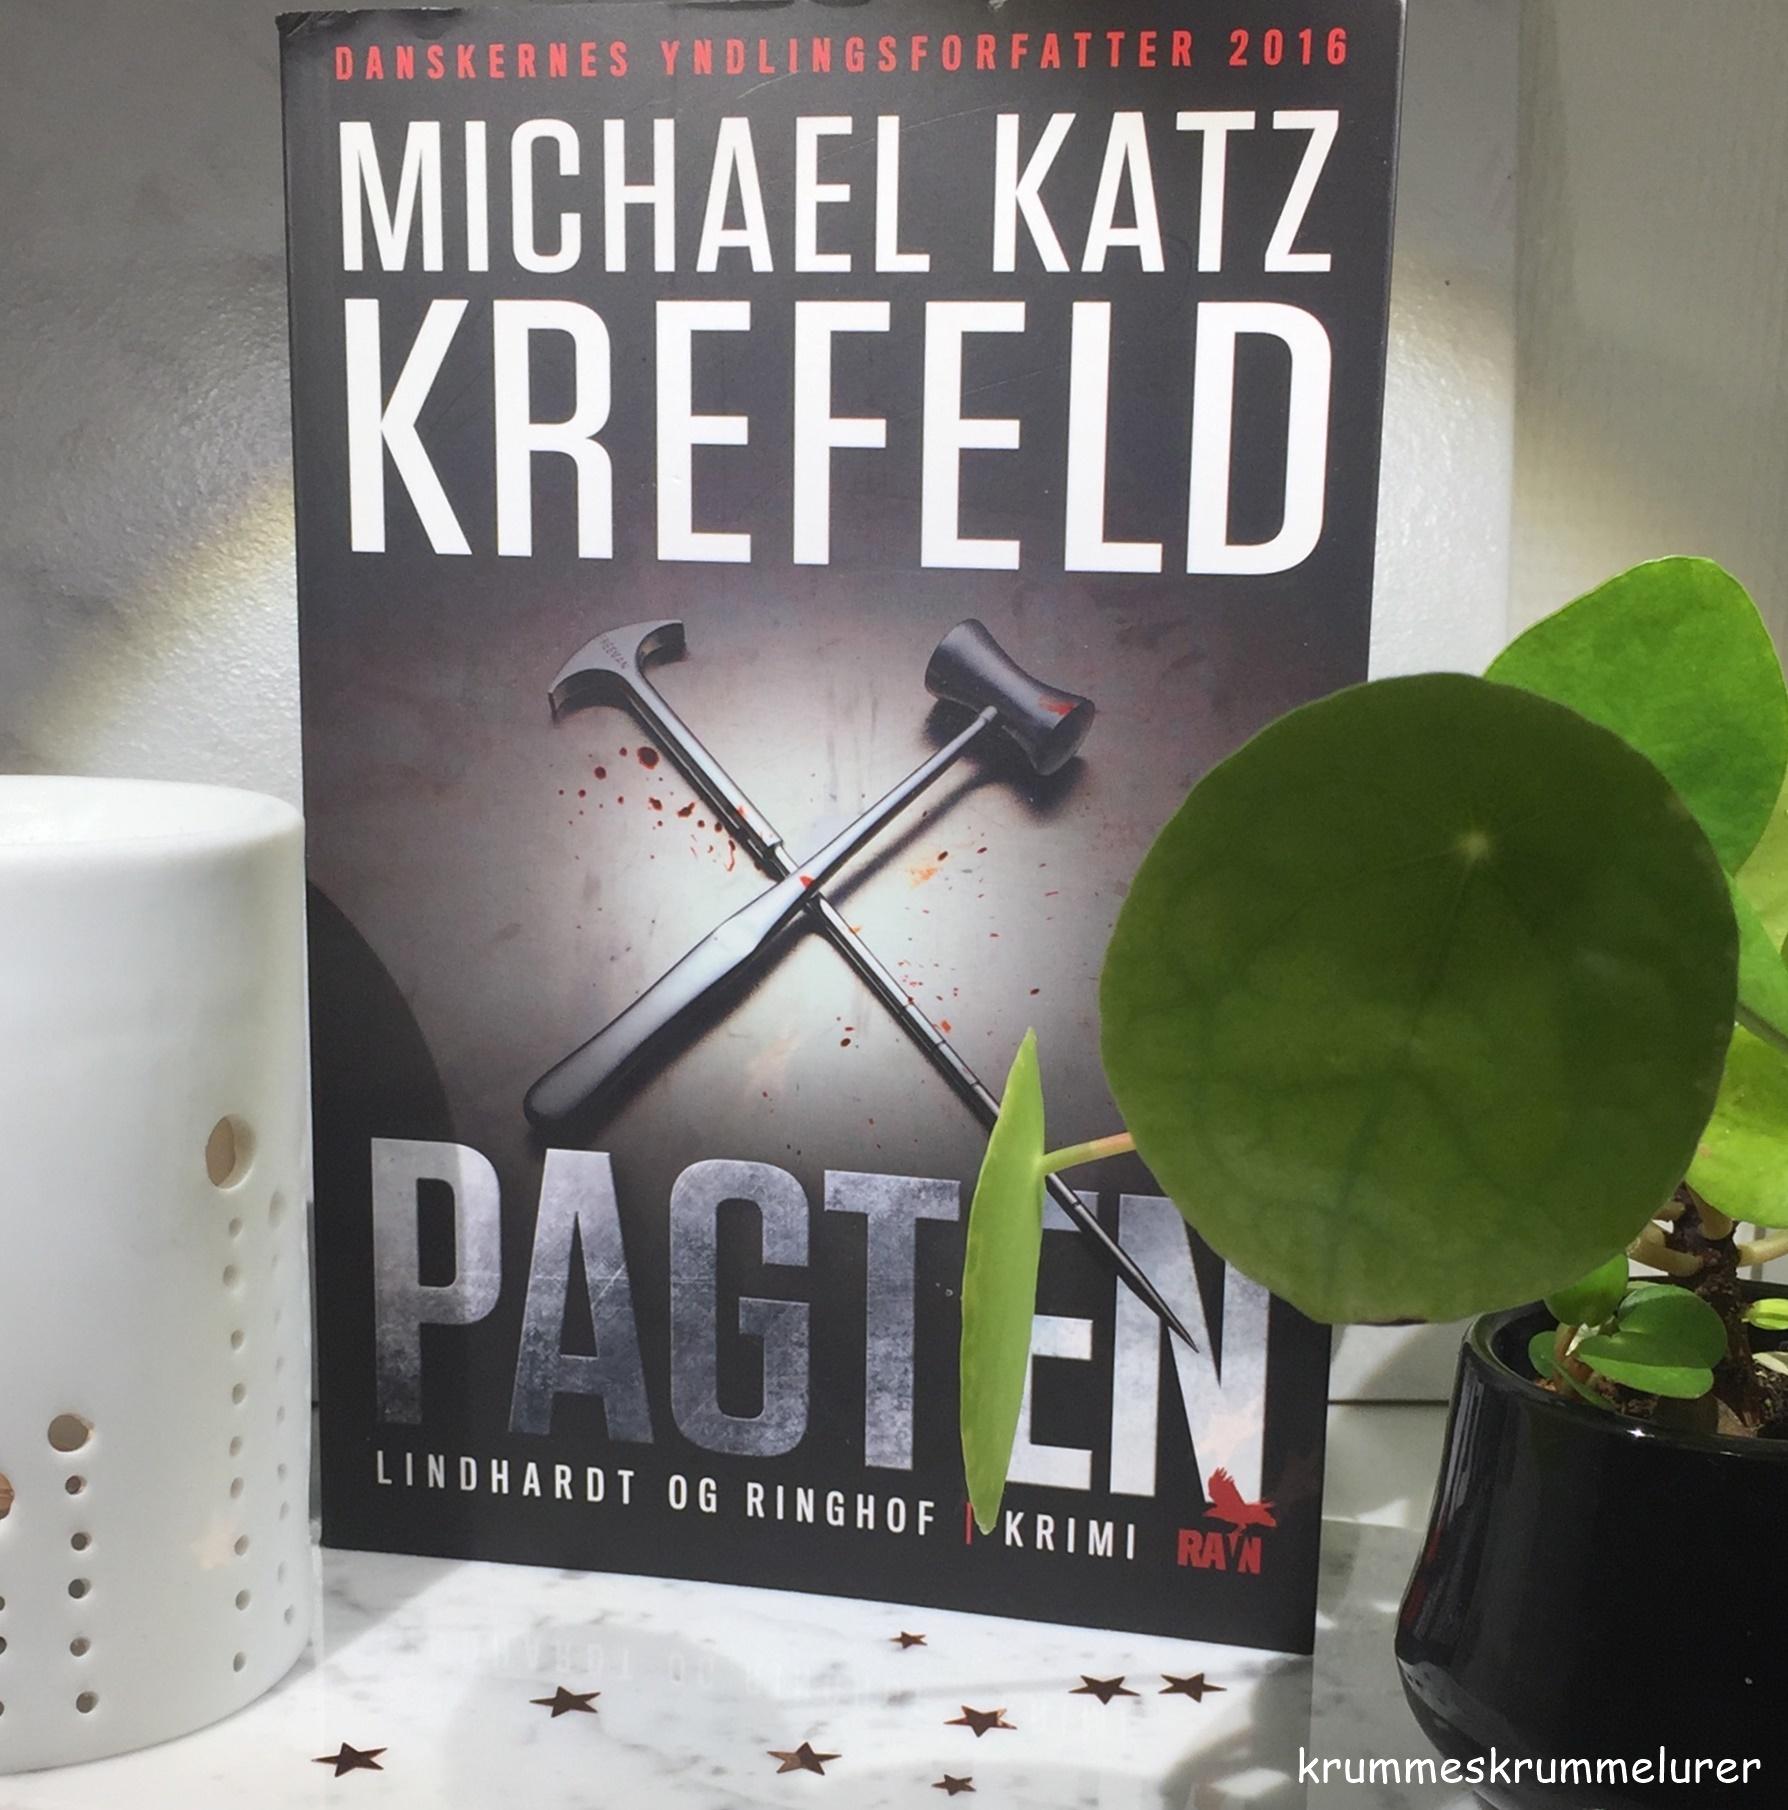 Michael Katz Krefeld, Pagten, Lindhardt og Ringhof, Pagten Michael Katz Krefeld, Ravn og Møffe, Michael Katz Krefeld Pagten, Anmeldelse,